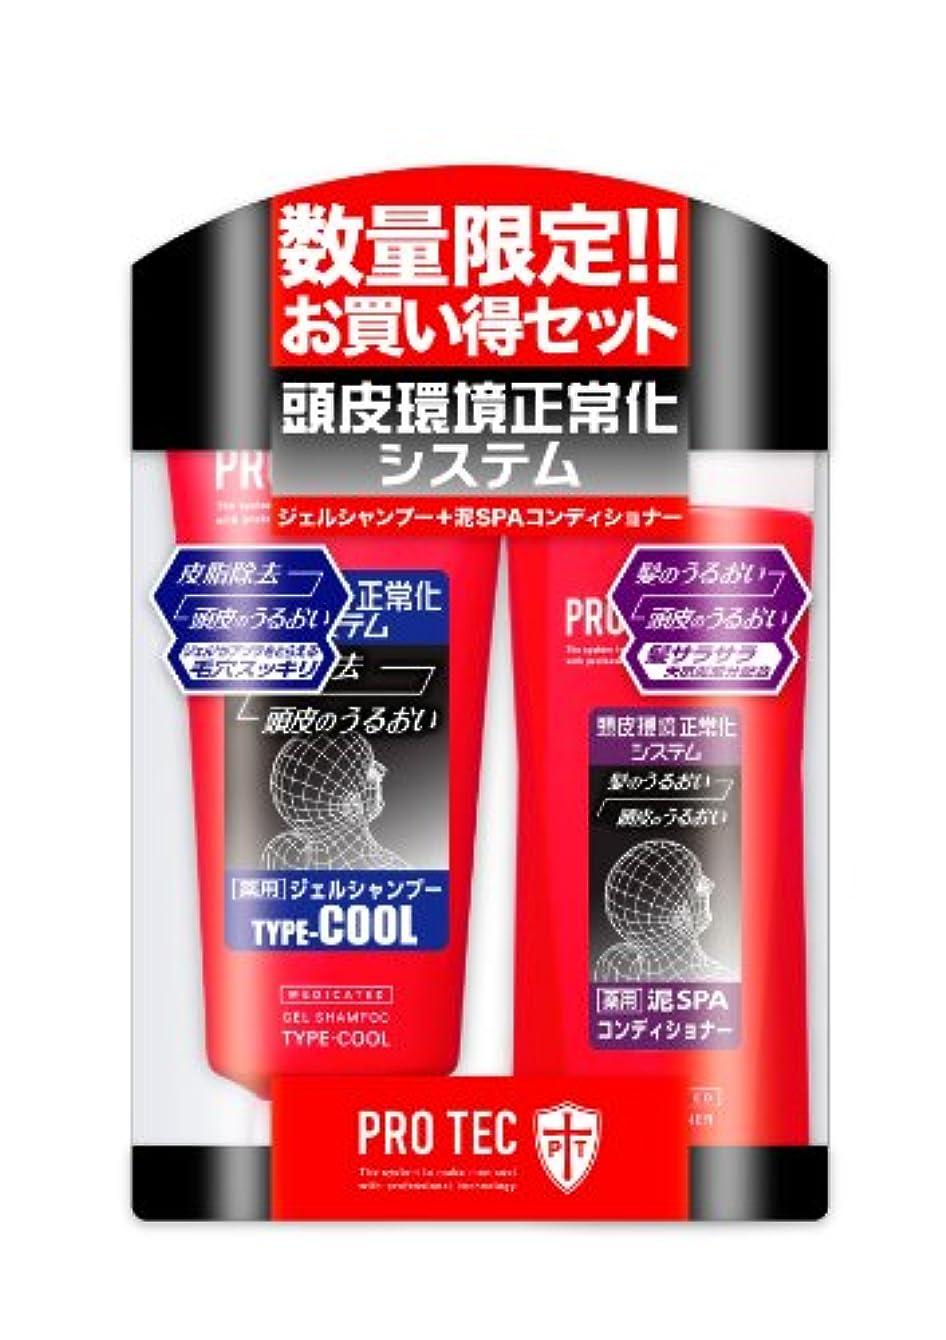 荒らす負荷口述PRO TEC ジェルシャンプーTYPE-COOL+泥SPAコンディショナーセット 180g+180mL